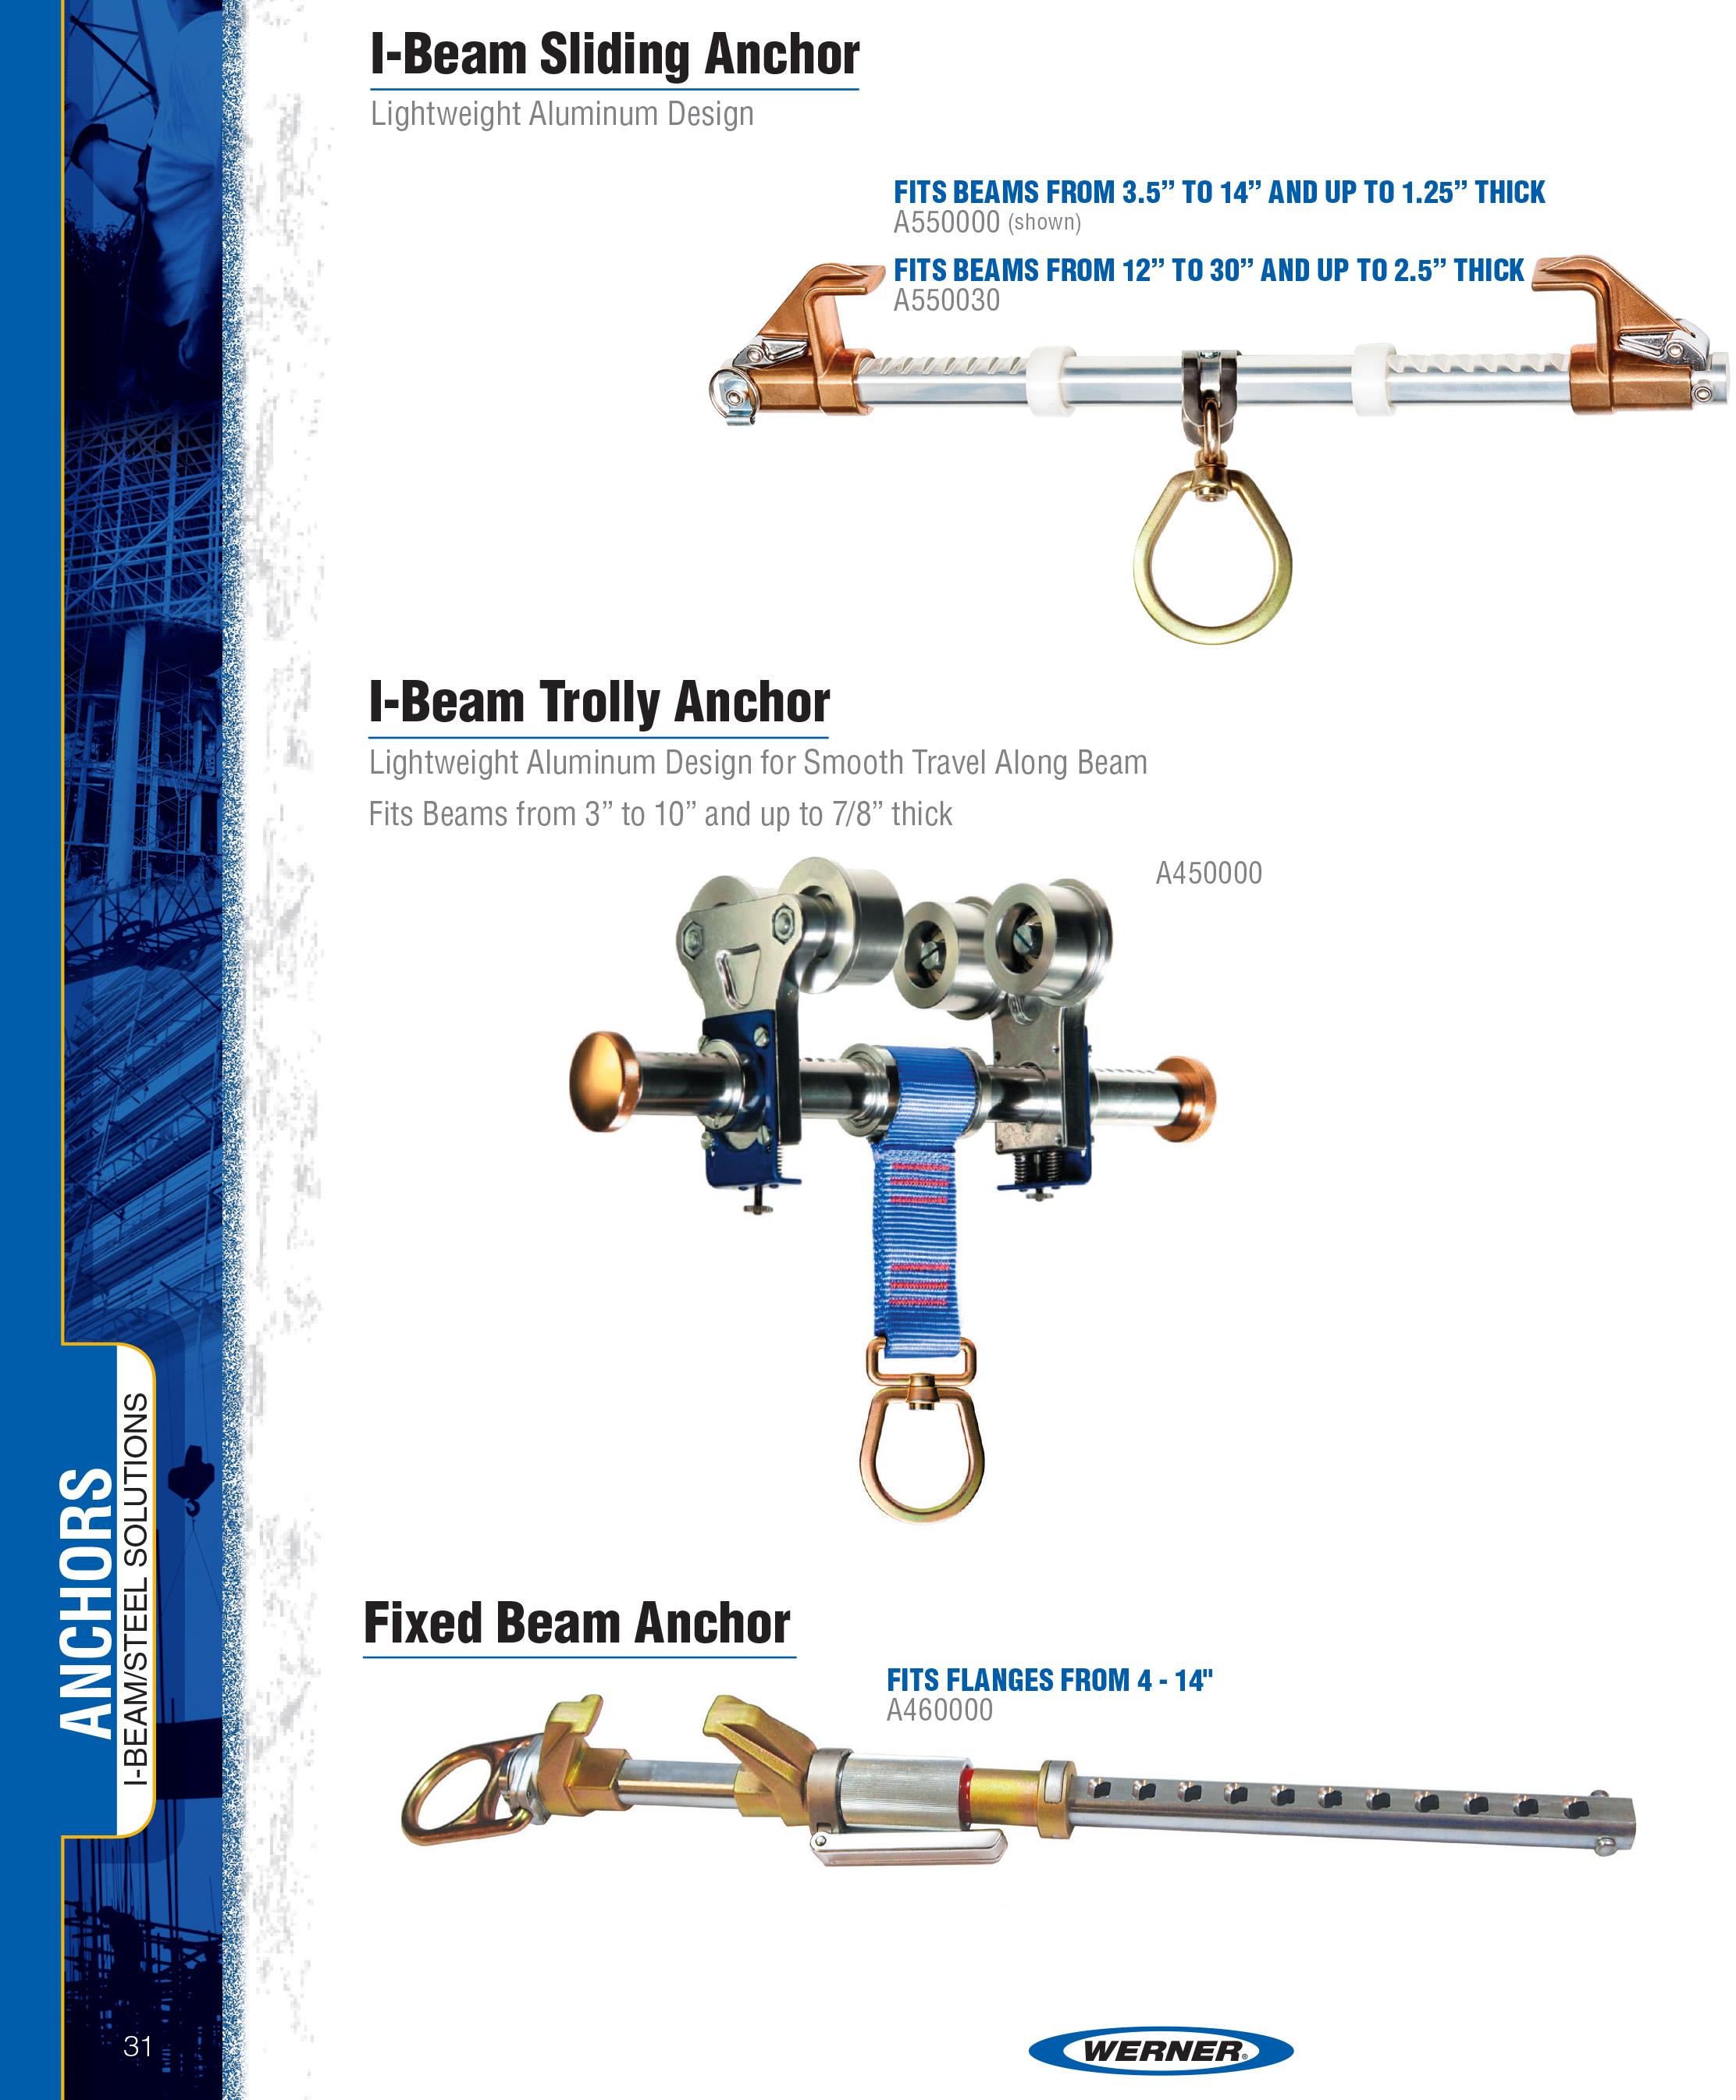 beam-anchors-a.jpg